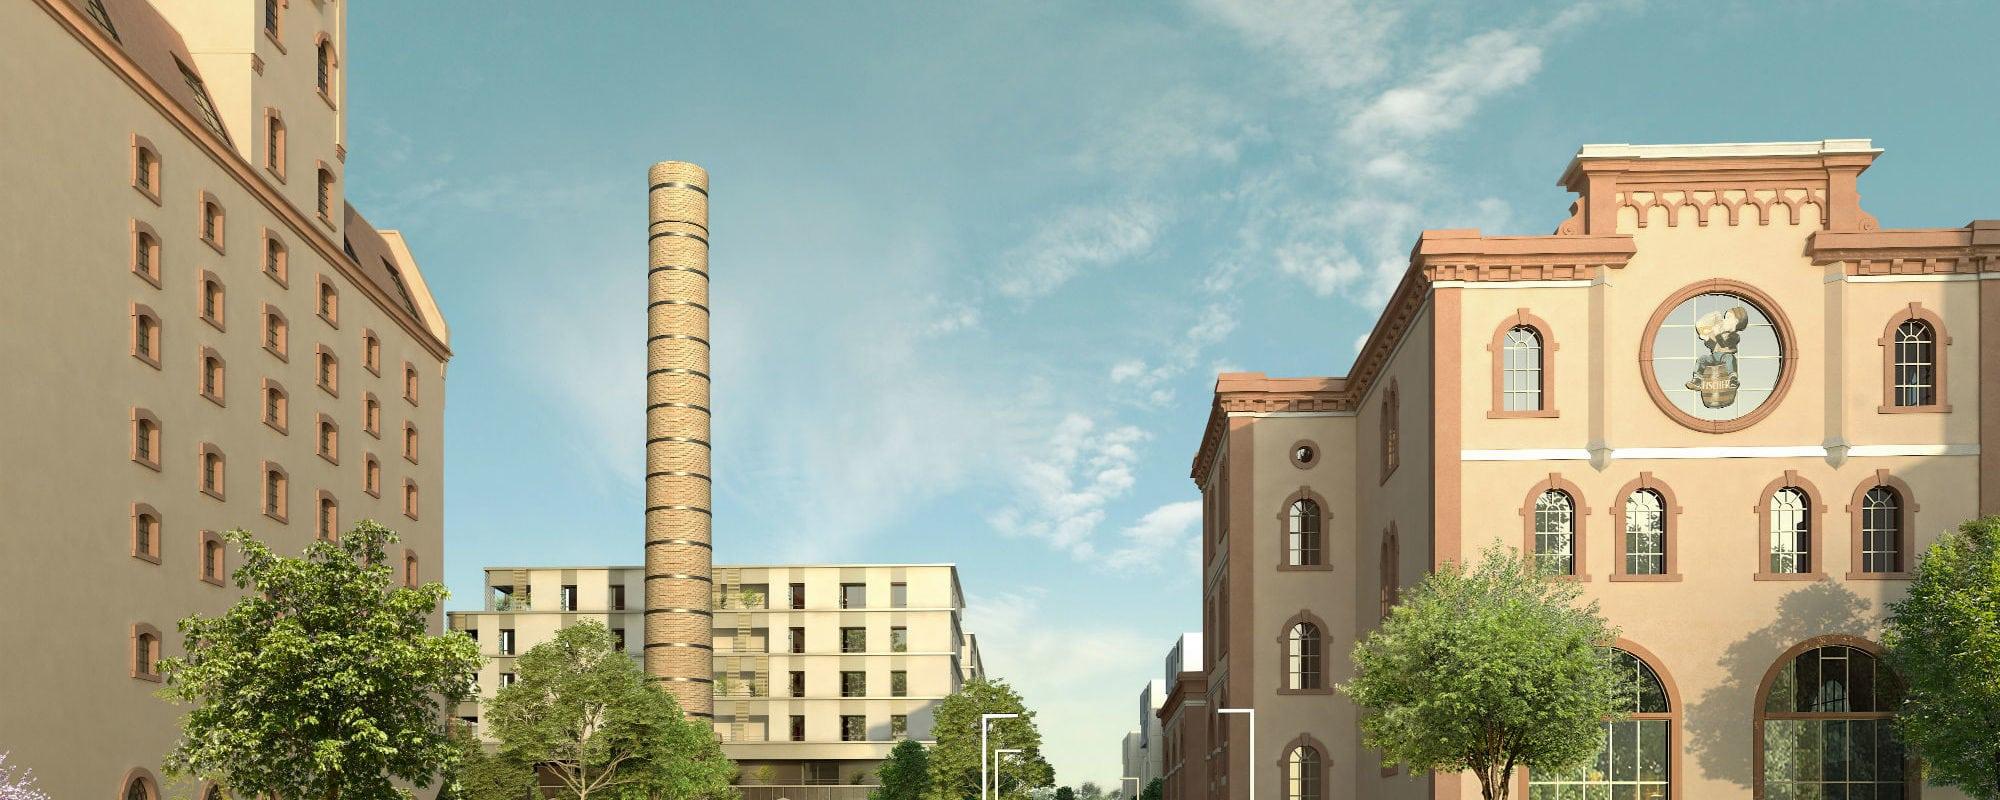 À Schiltigheim, le projet du site Fischer suscite peu de débats